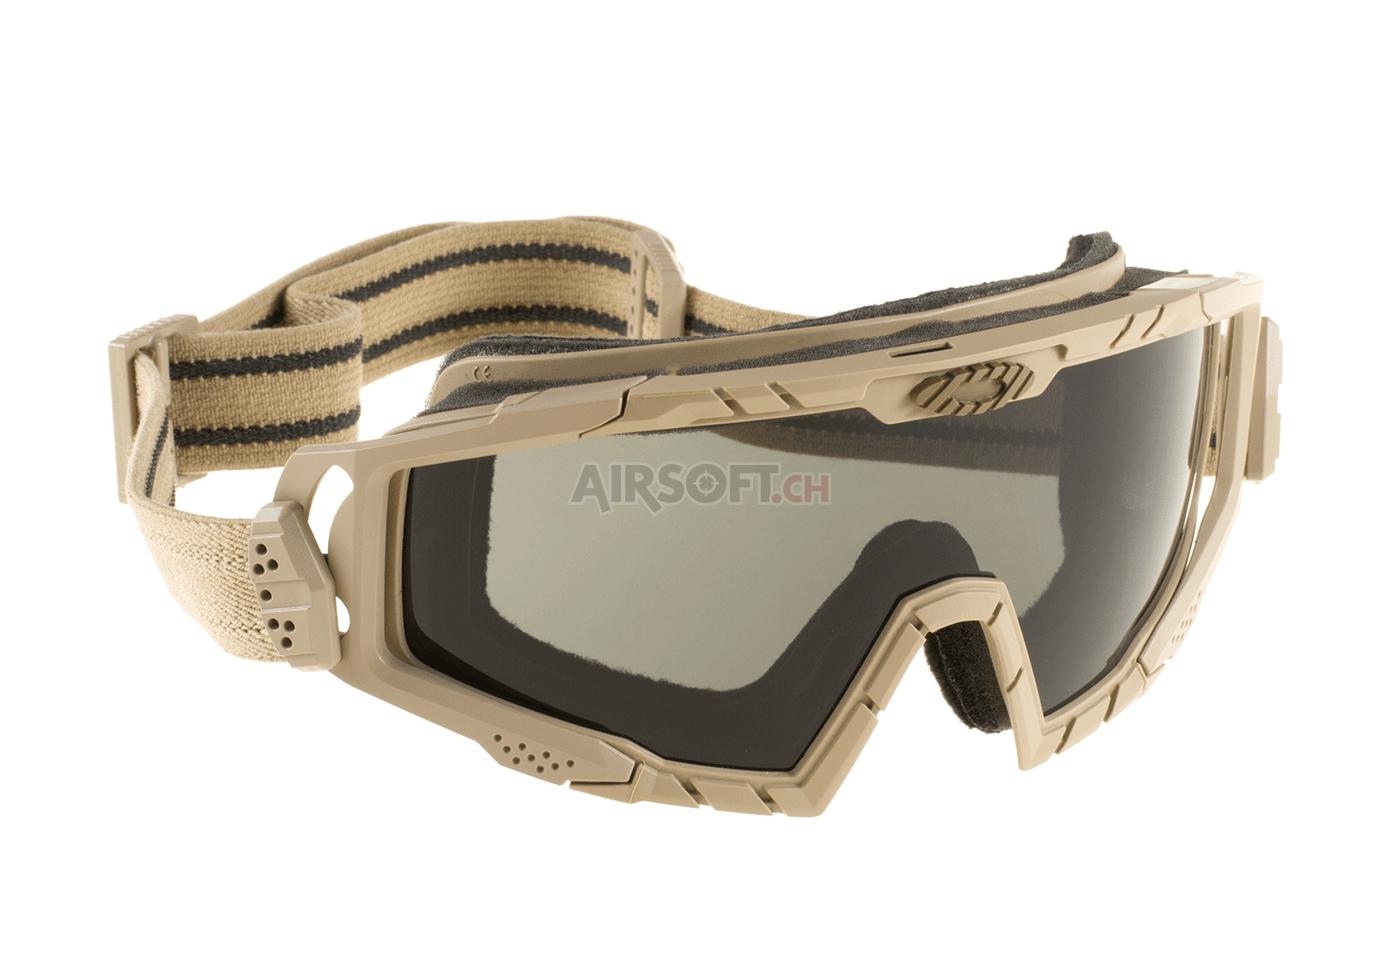 9ff3e8b8cbe Oakley Airsoft Goggles « Heritage Malta